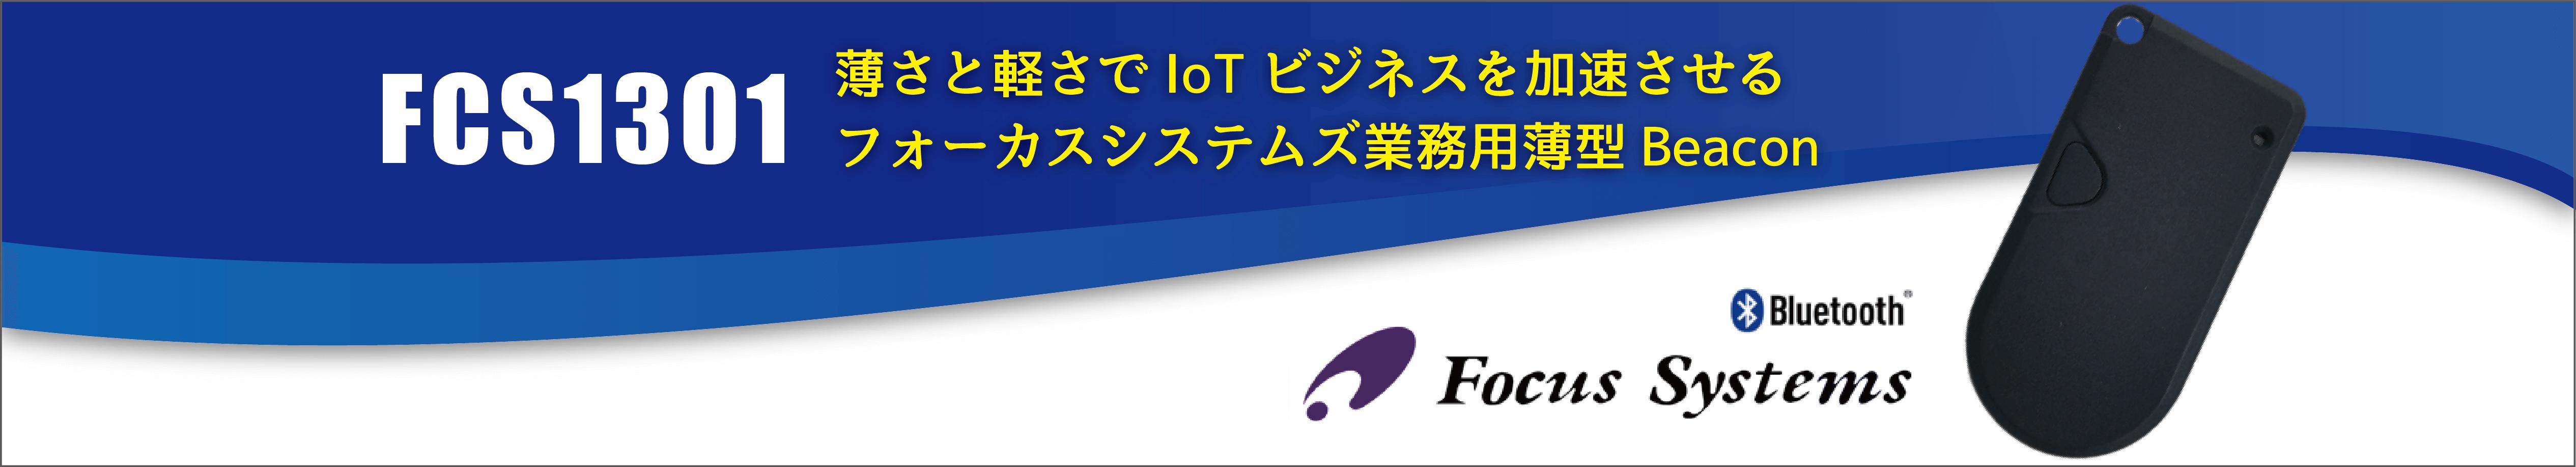 FCS1301_202104